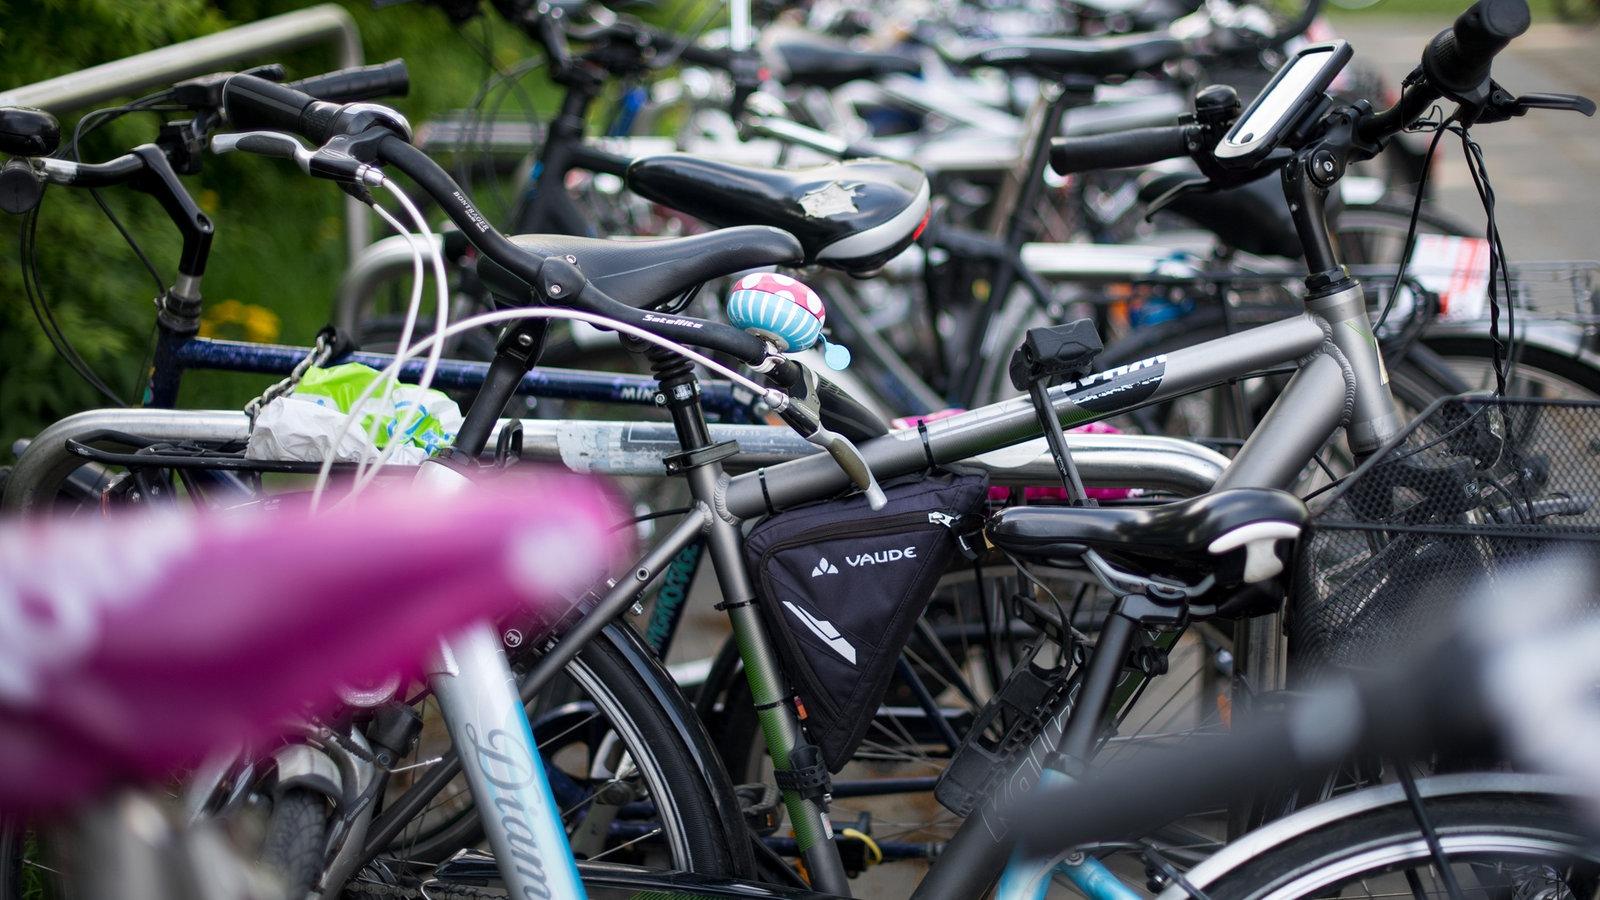 غرفه های تست دوچرخه در آخن – کلیک کنید – اخبار کودکان – اخبار